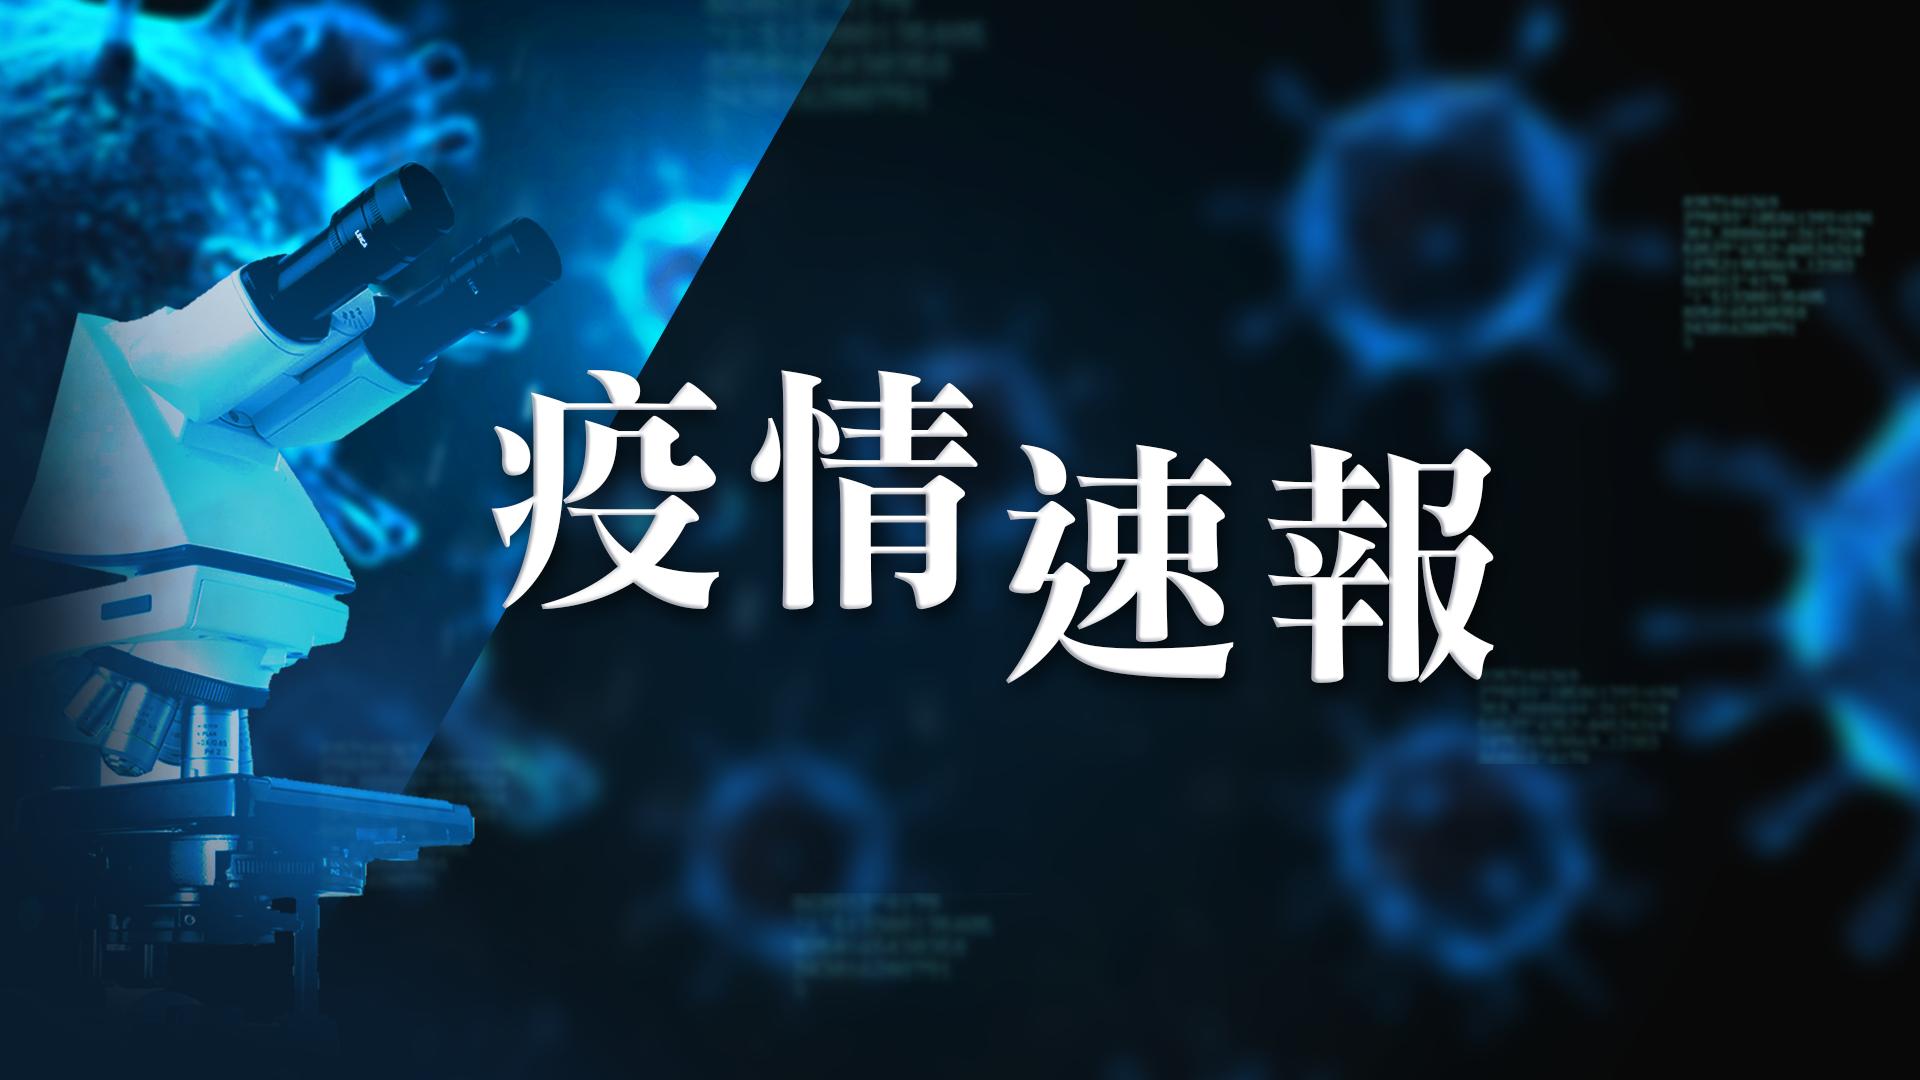 【5月24日疫情速報】(23:00)